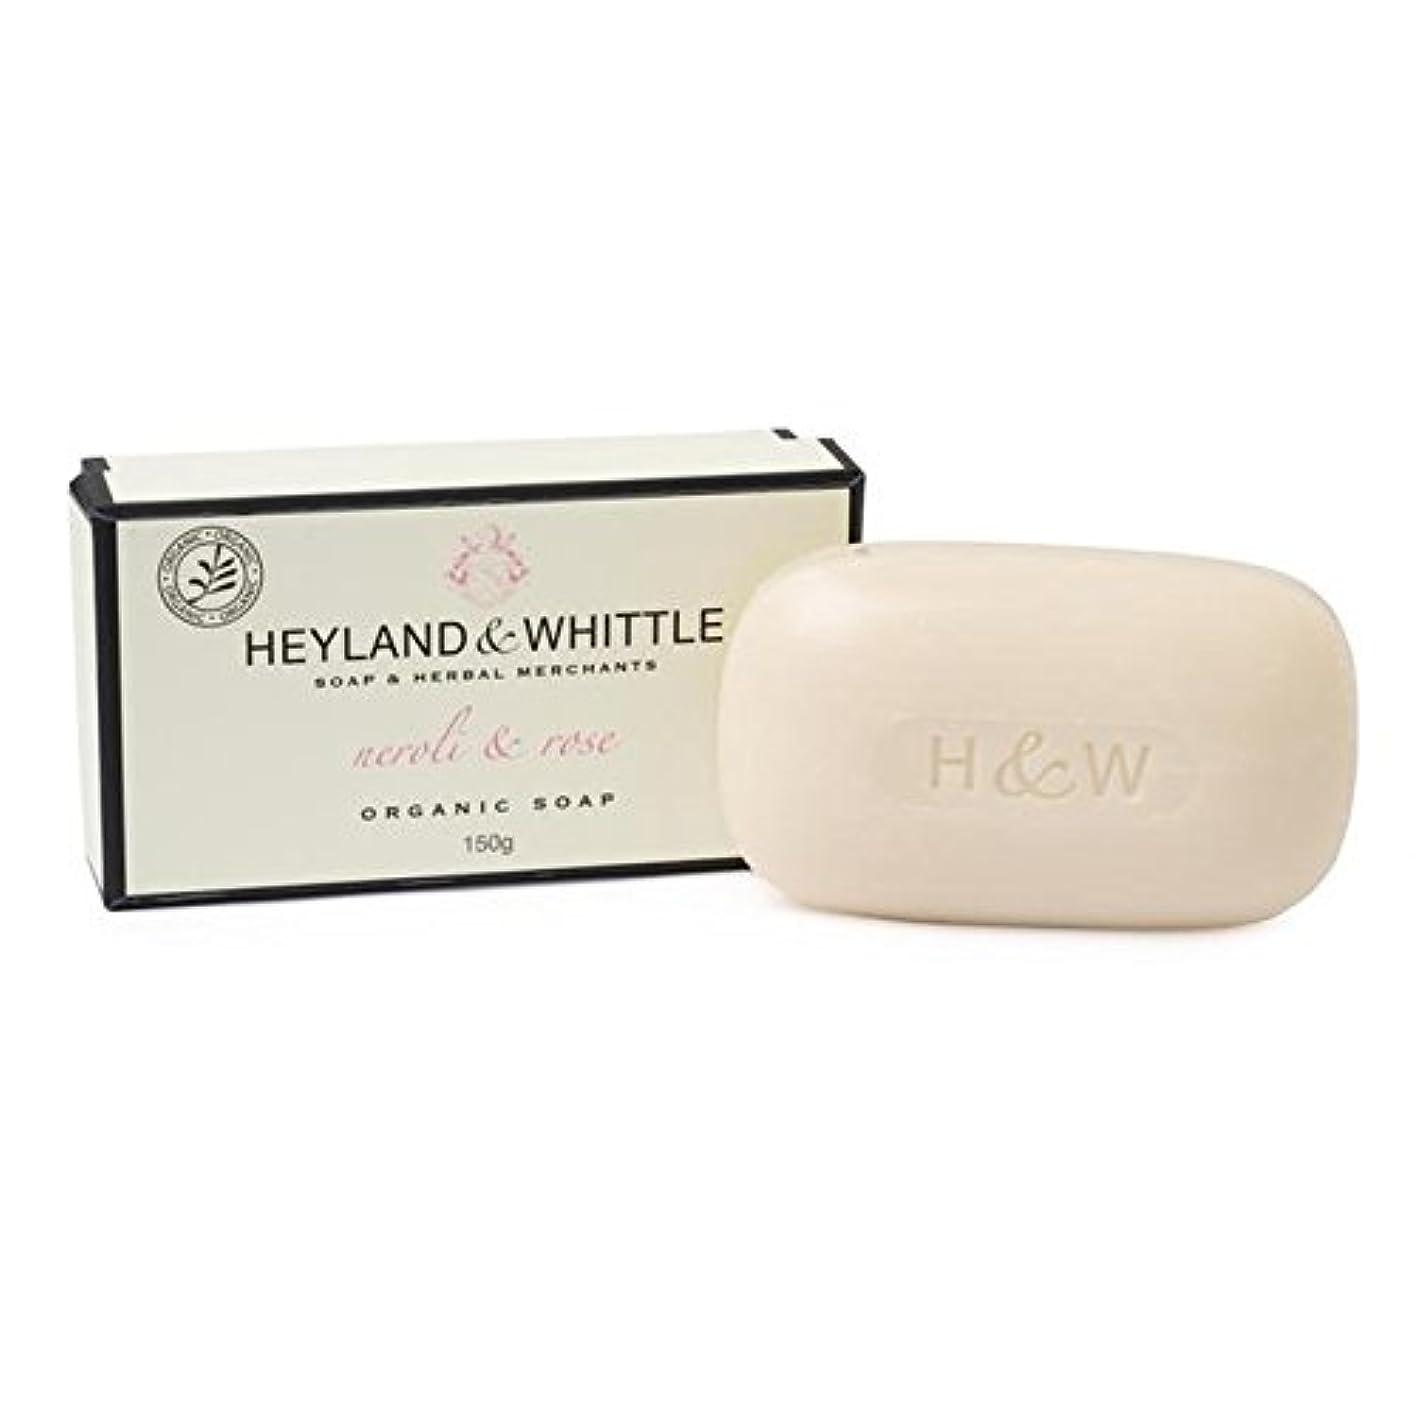 破壊的な収束拍車Heyland & Whittle Organic Neroli & Rose Soap Bar 150g (Pack of 6) - &削る有機ネロリ&ソープバー150グラムをバラ x6 [並行輸入品]